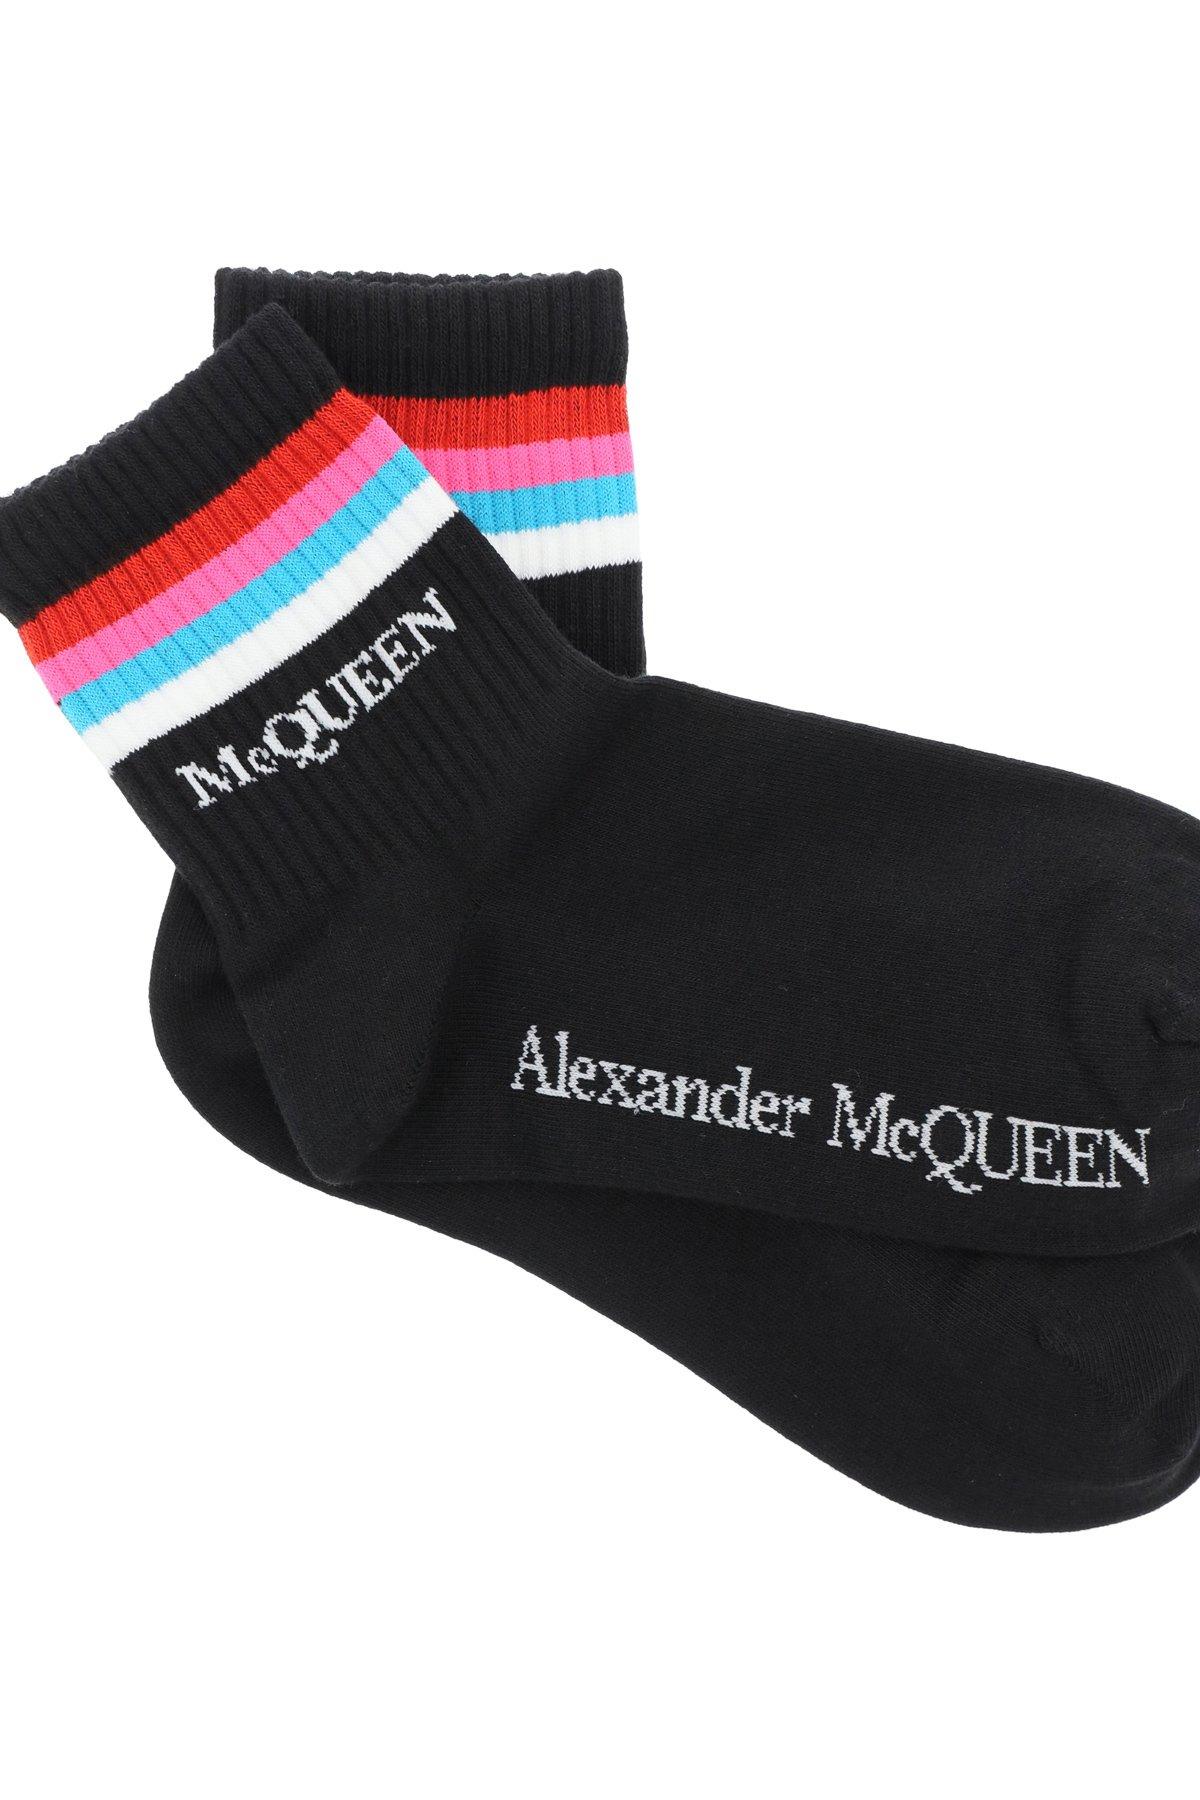 Alexander mcqueen calzini stripe sport